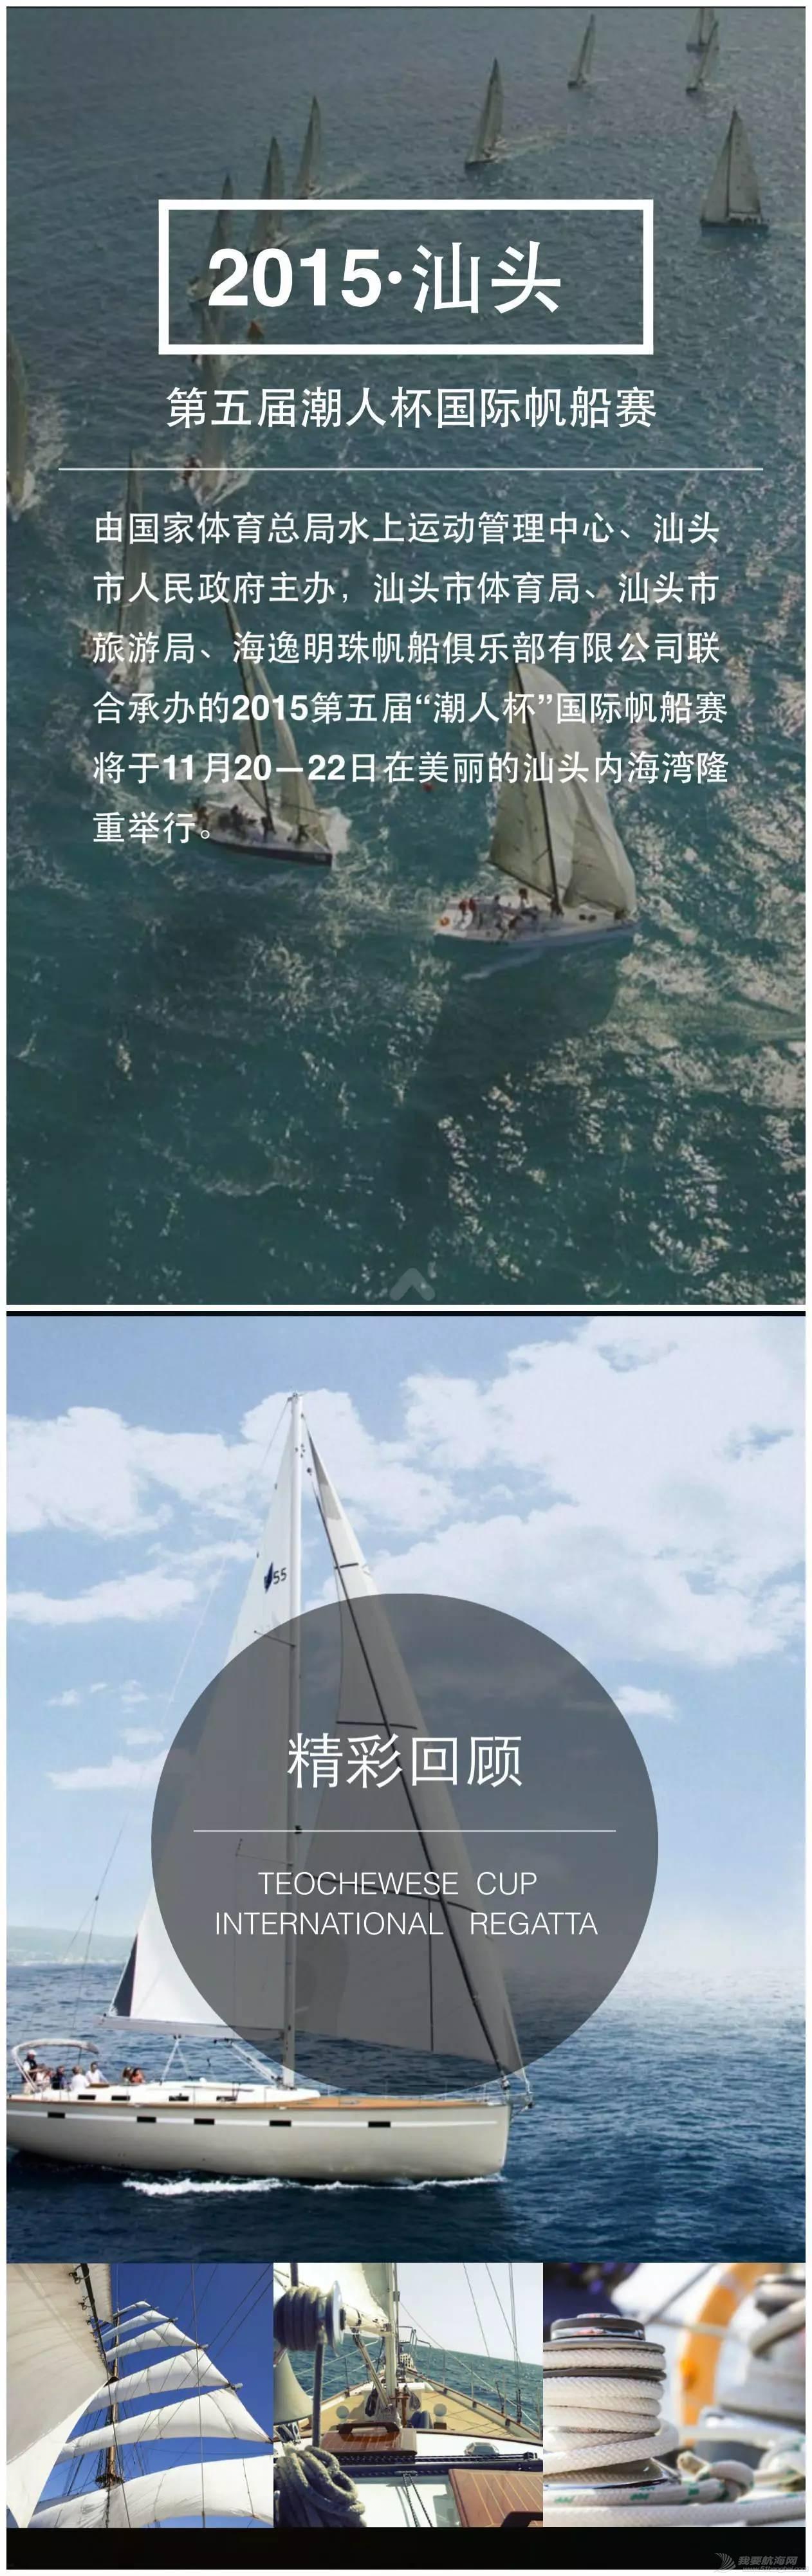 国际,微博 11月,一起扬帆潮人杯国际帆船赛! b91d5b5dead58090892a2f7e6cdb17cc.jpg